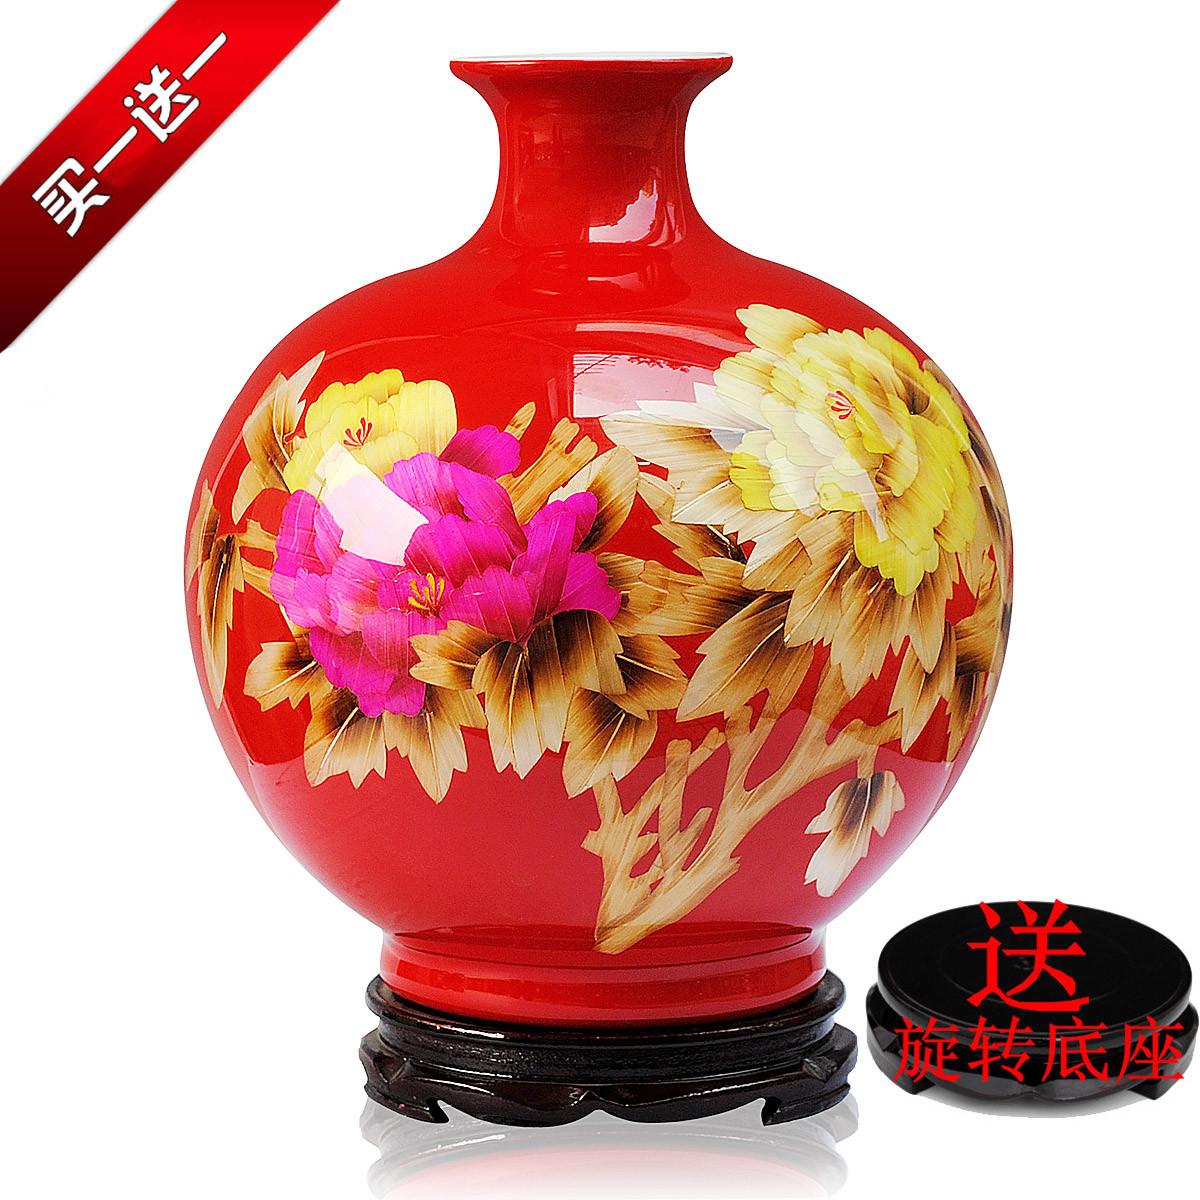 鸿轩 陶瓷台面HX150025花瓶现代中式 花瓶